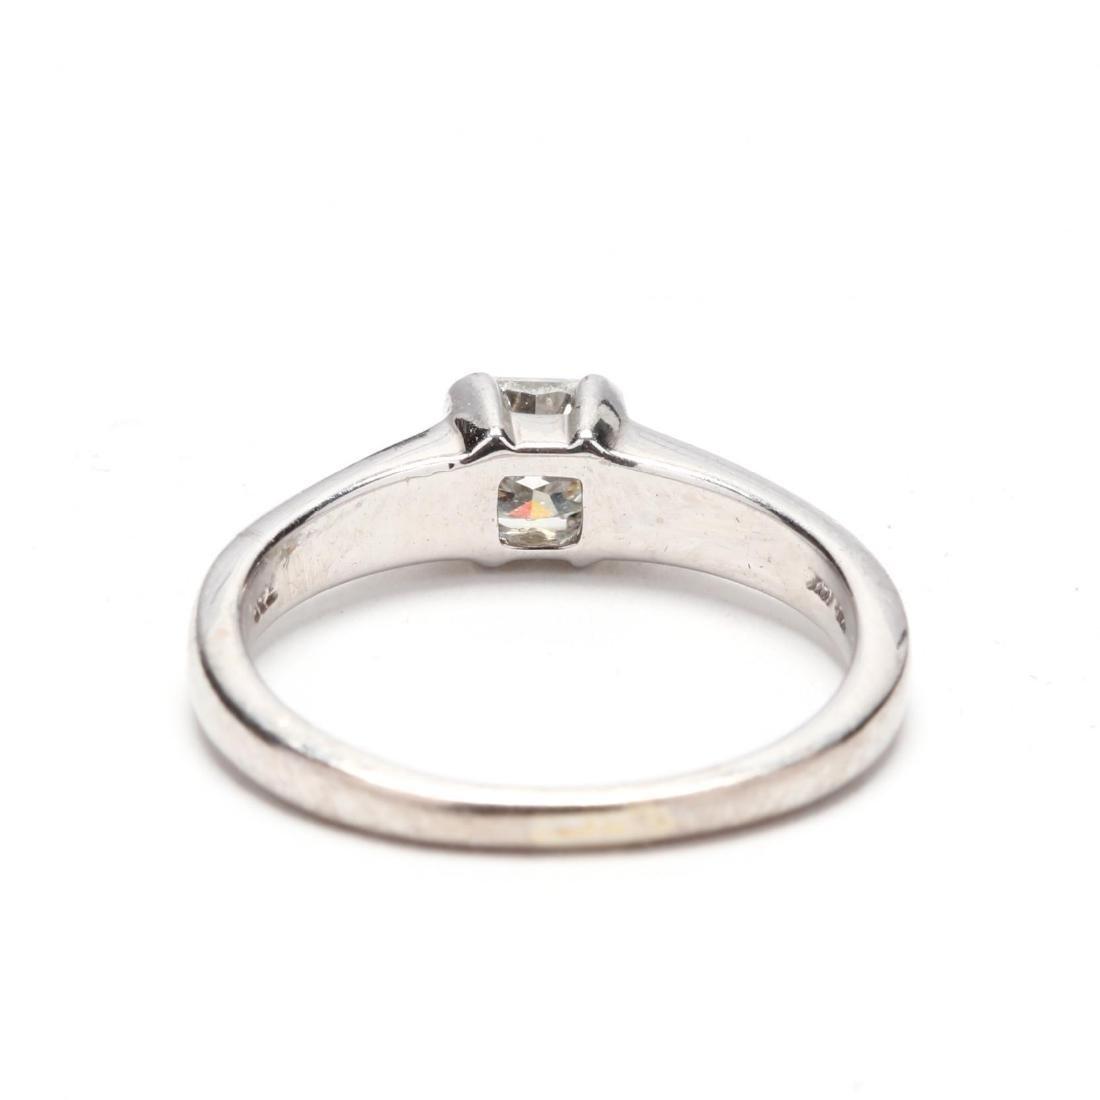 18KT White Gold Diamond Ring - 3